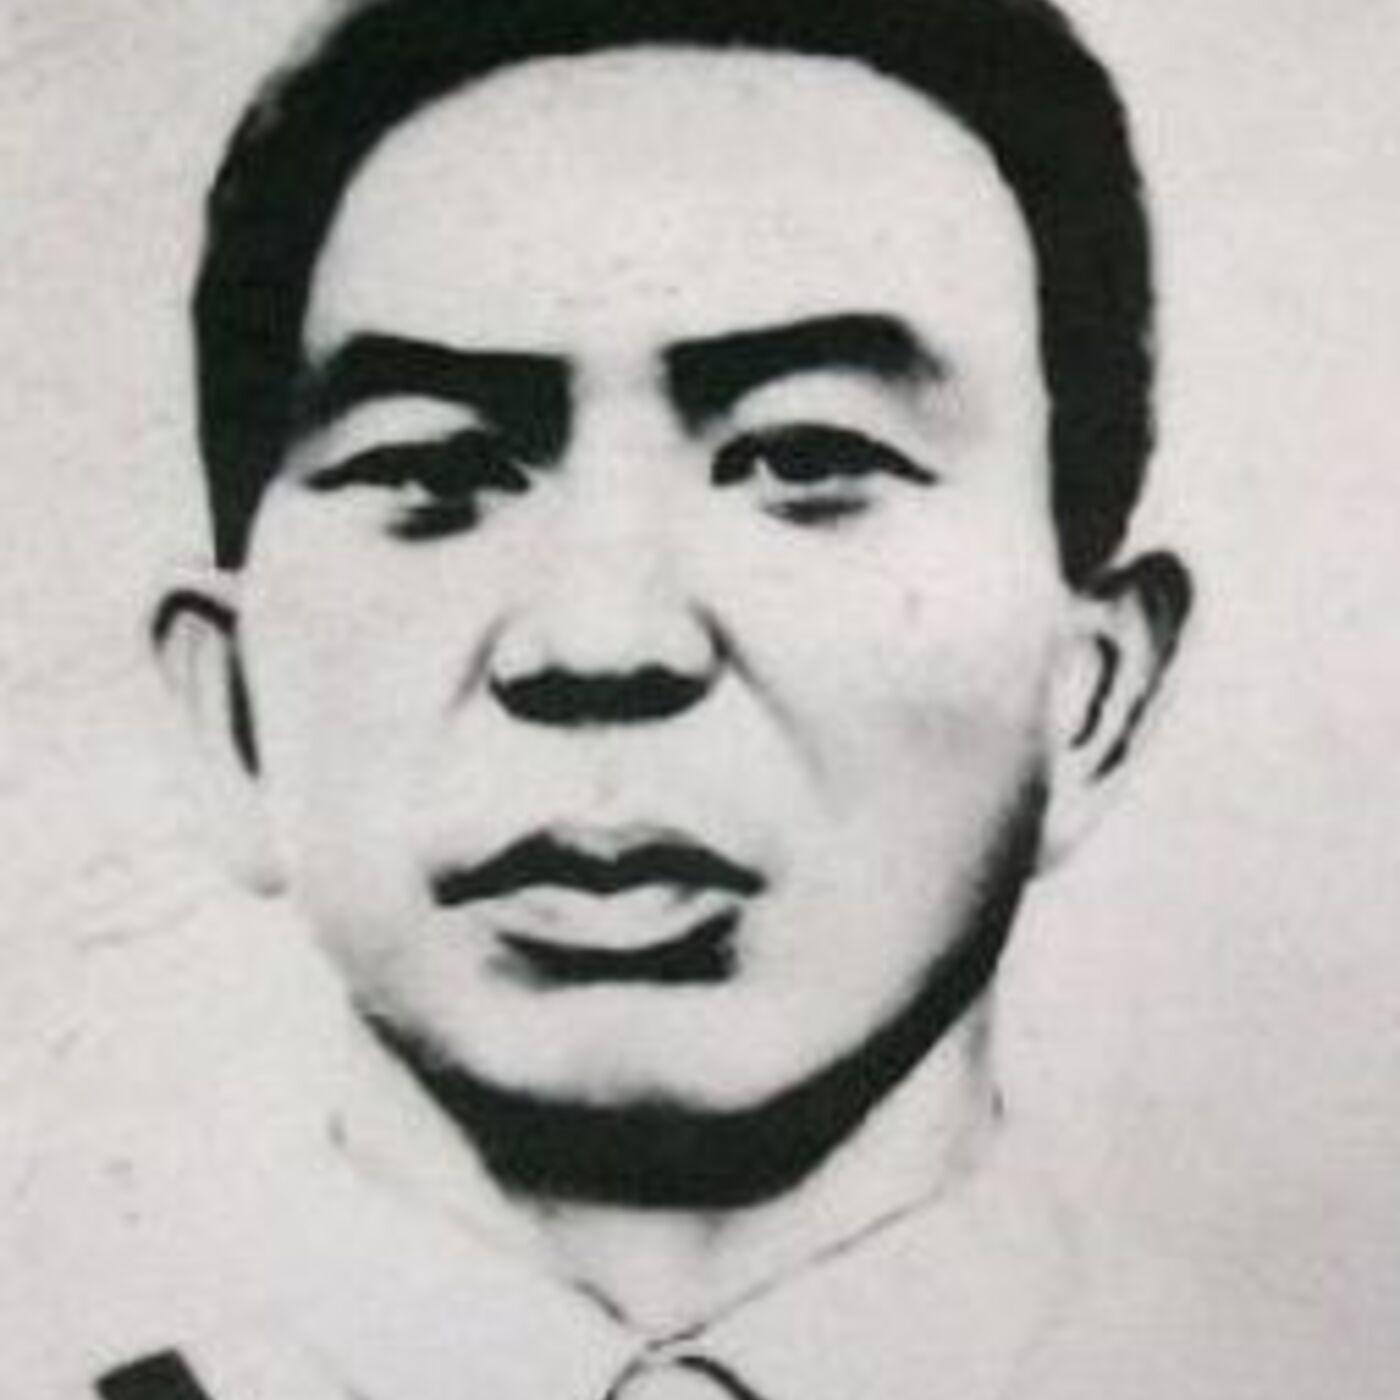 Mao's Bandit Comrades: Wang Zuo and Yuan Wencai